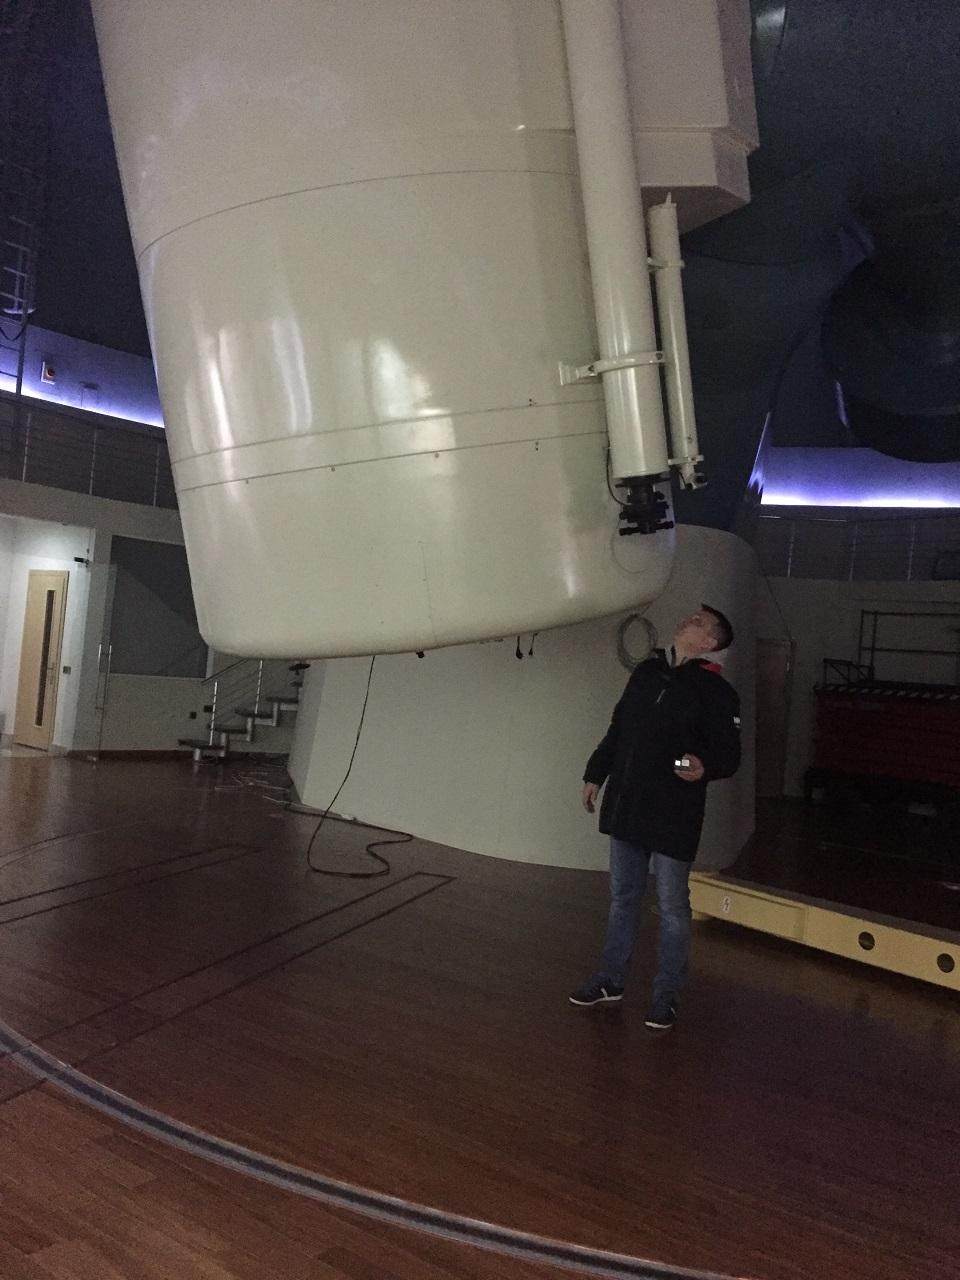 «контакт» со звездным небом через 2-х метровый телескоп, безусловно, украсил бы любой проект